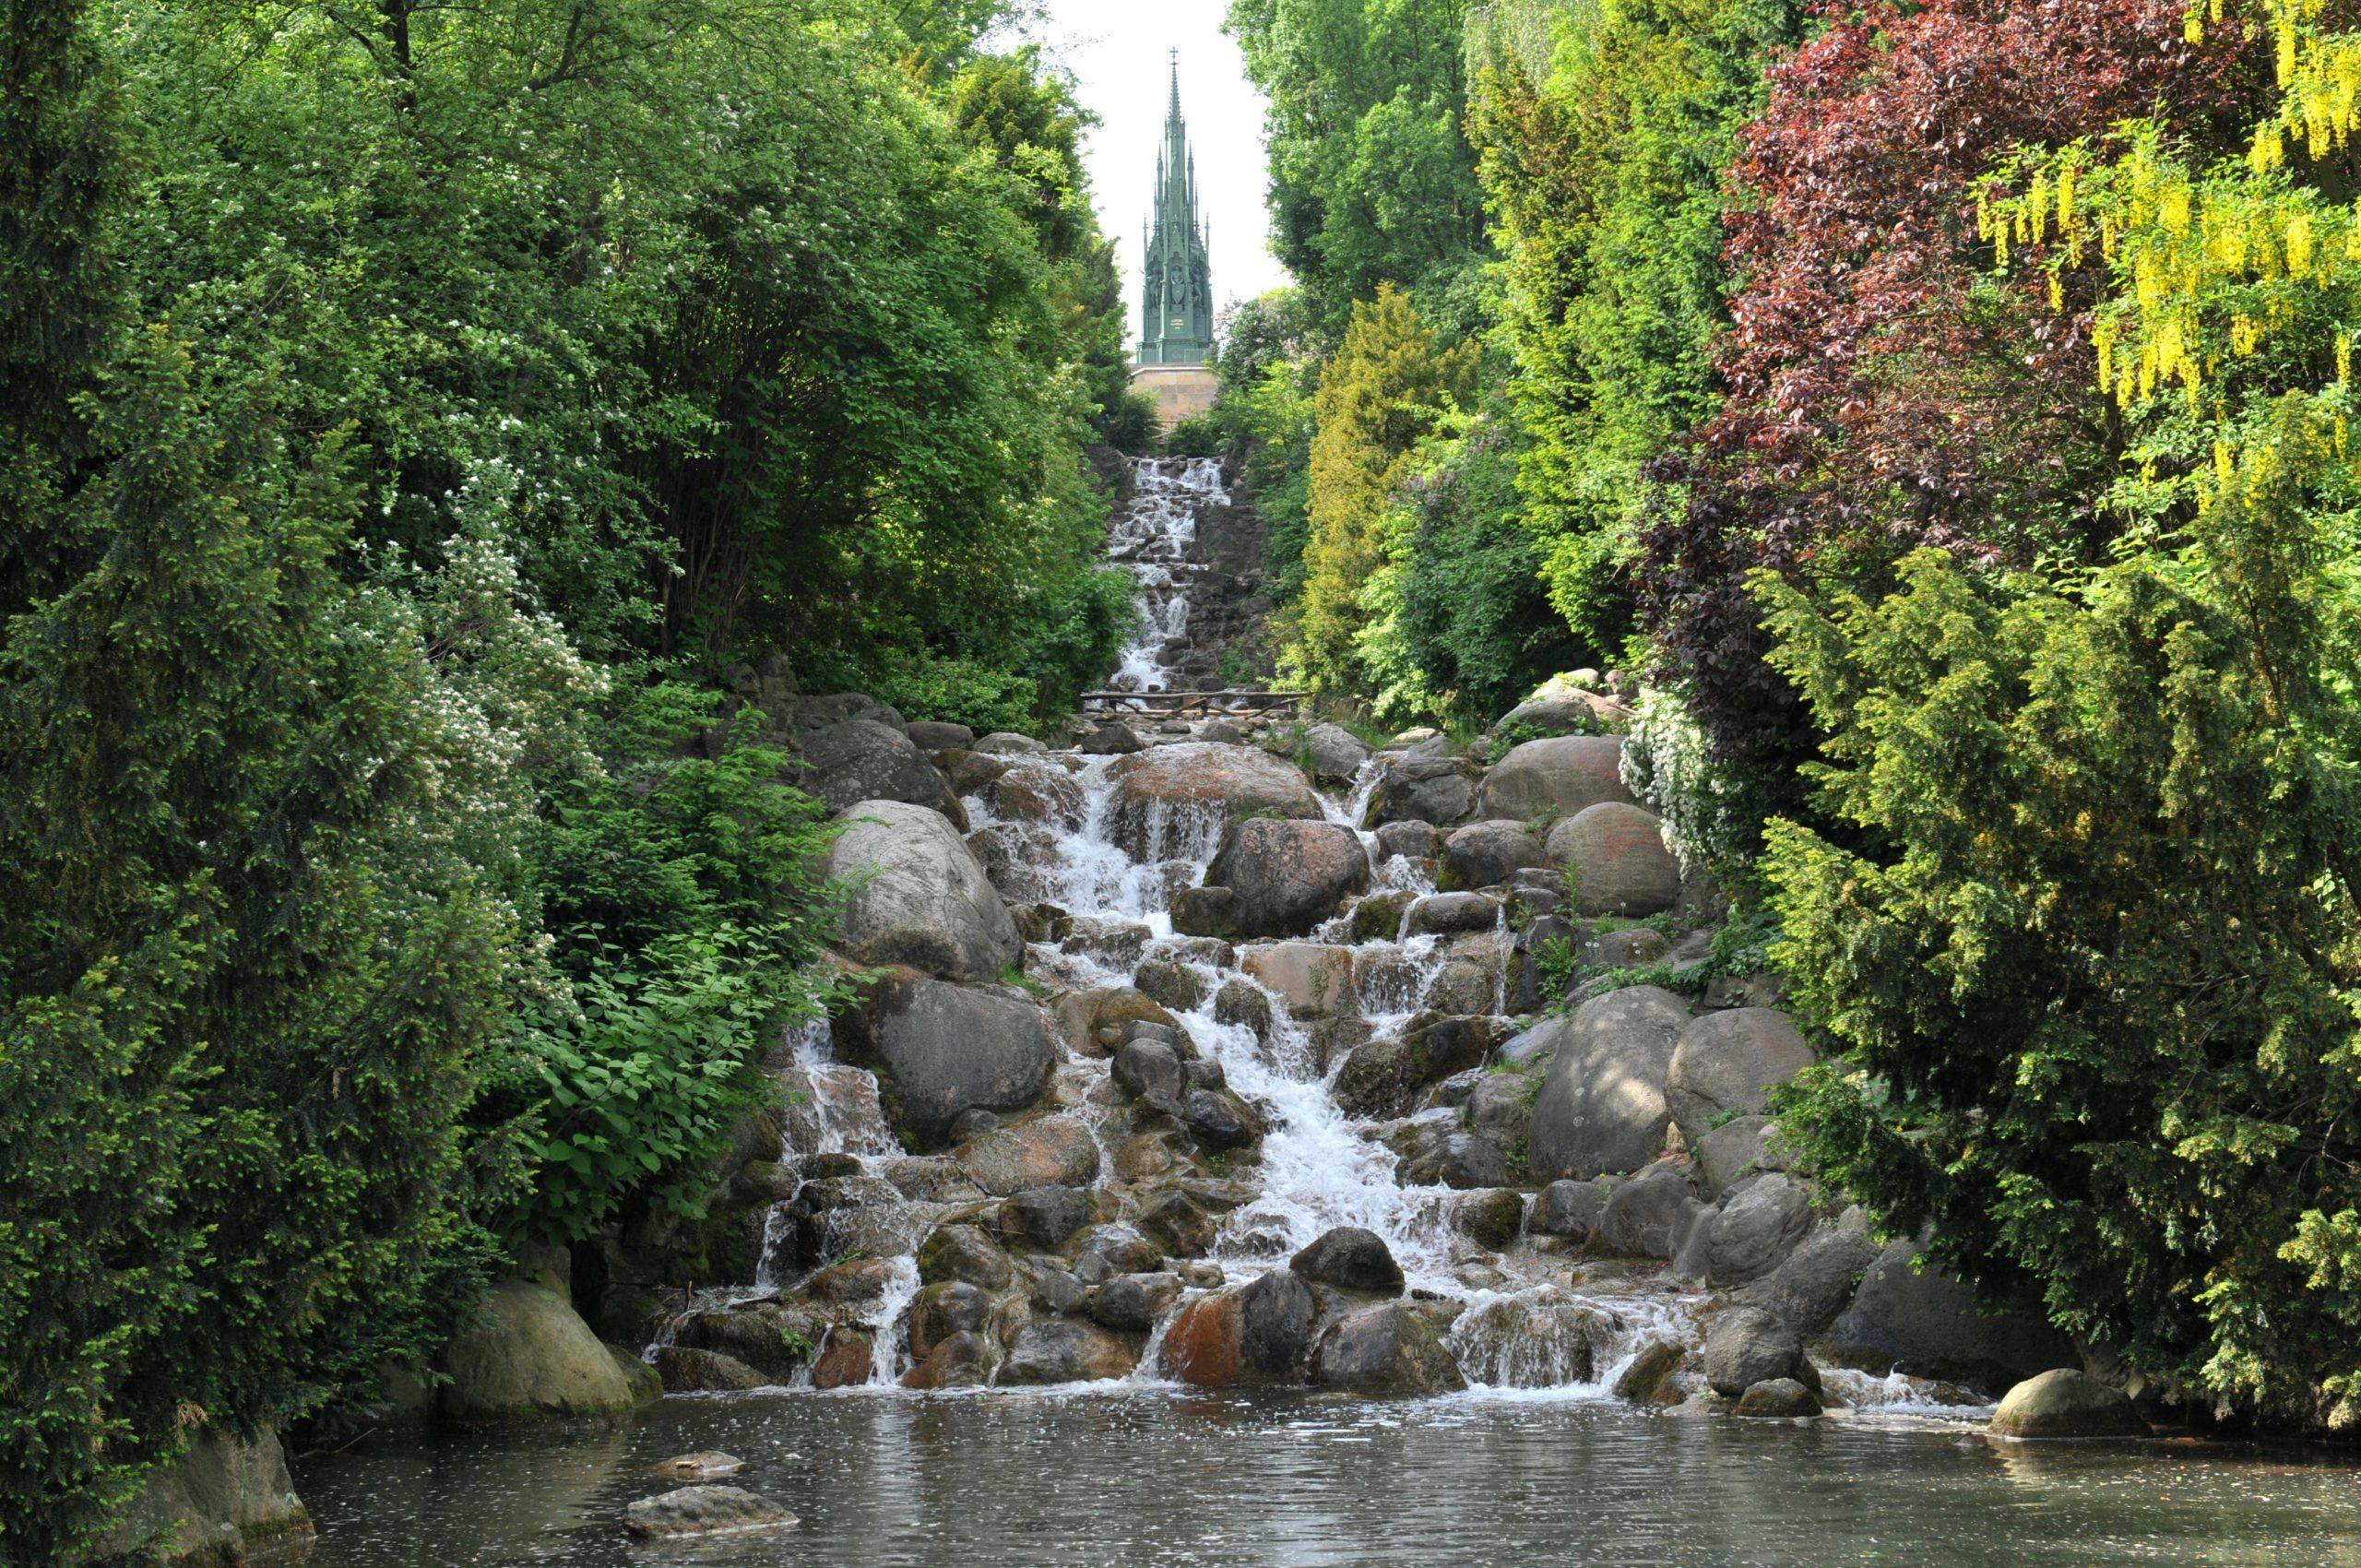 Märchen Berlin Der wilde Wasserfall im Viktoriapark Kreuzberg gibt eine wahrhaft märchenhafte Kulisse ab.